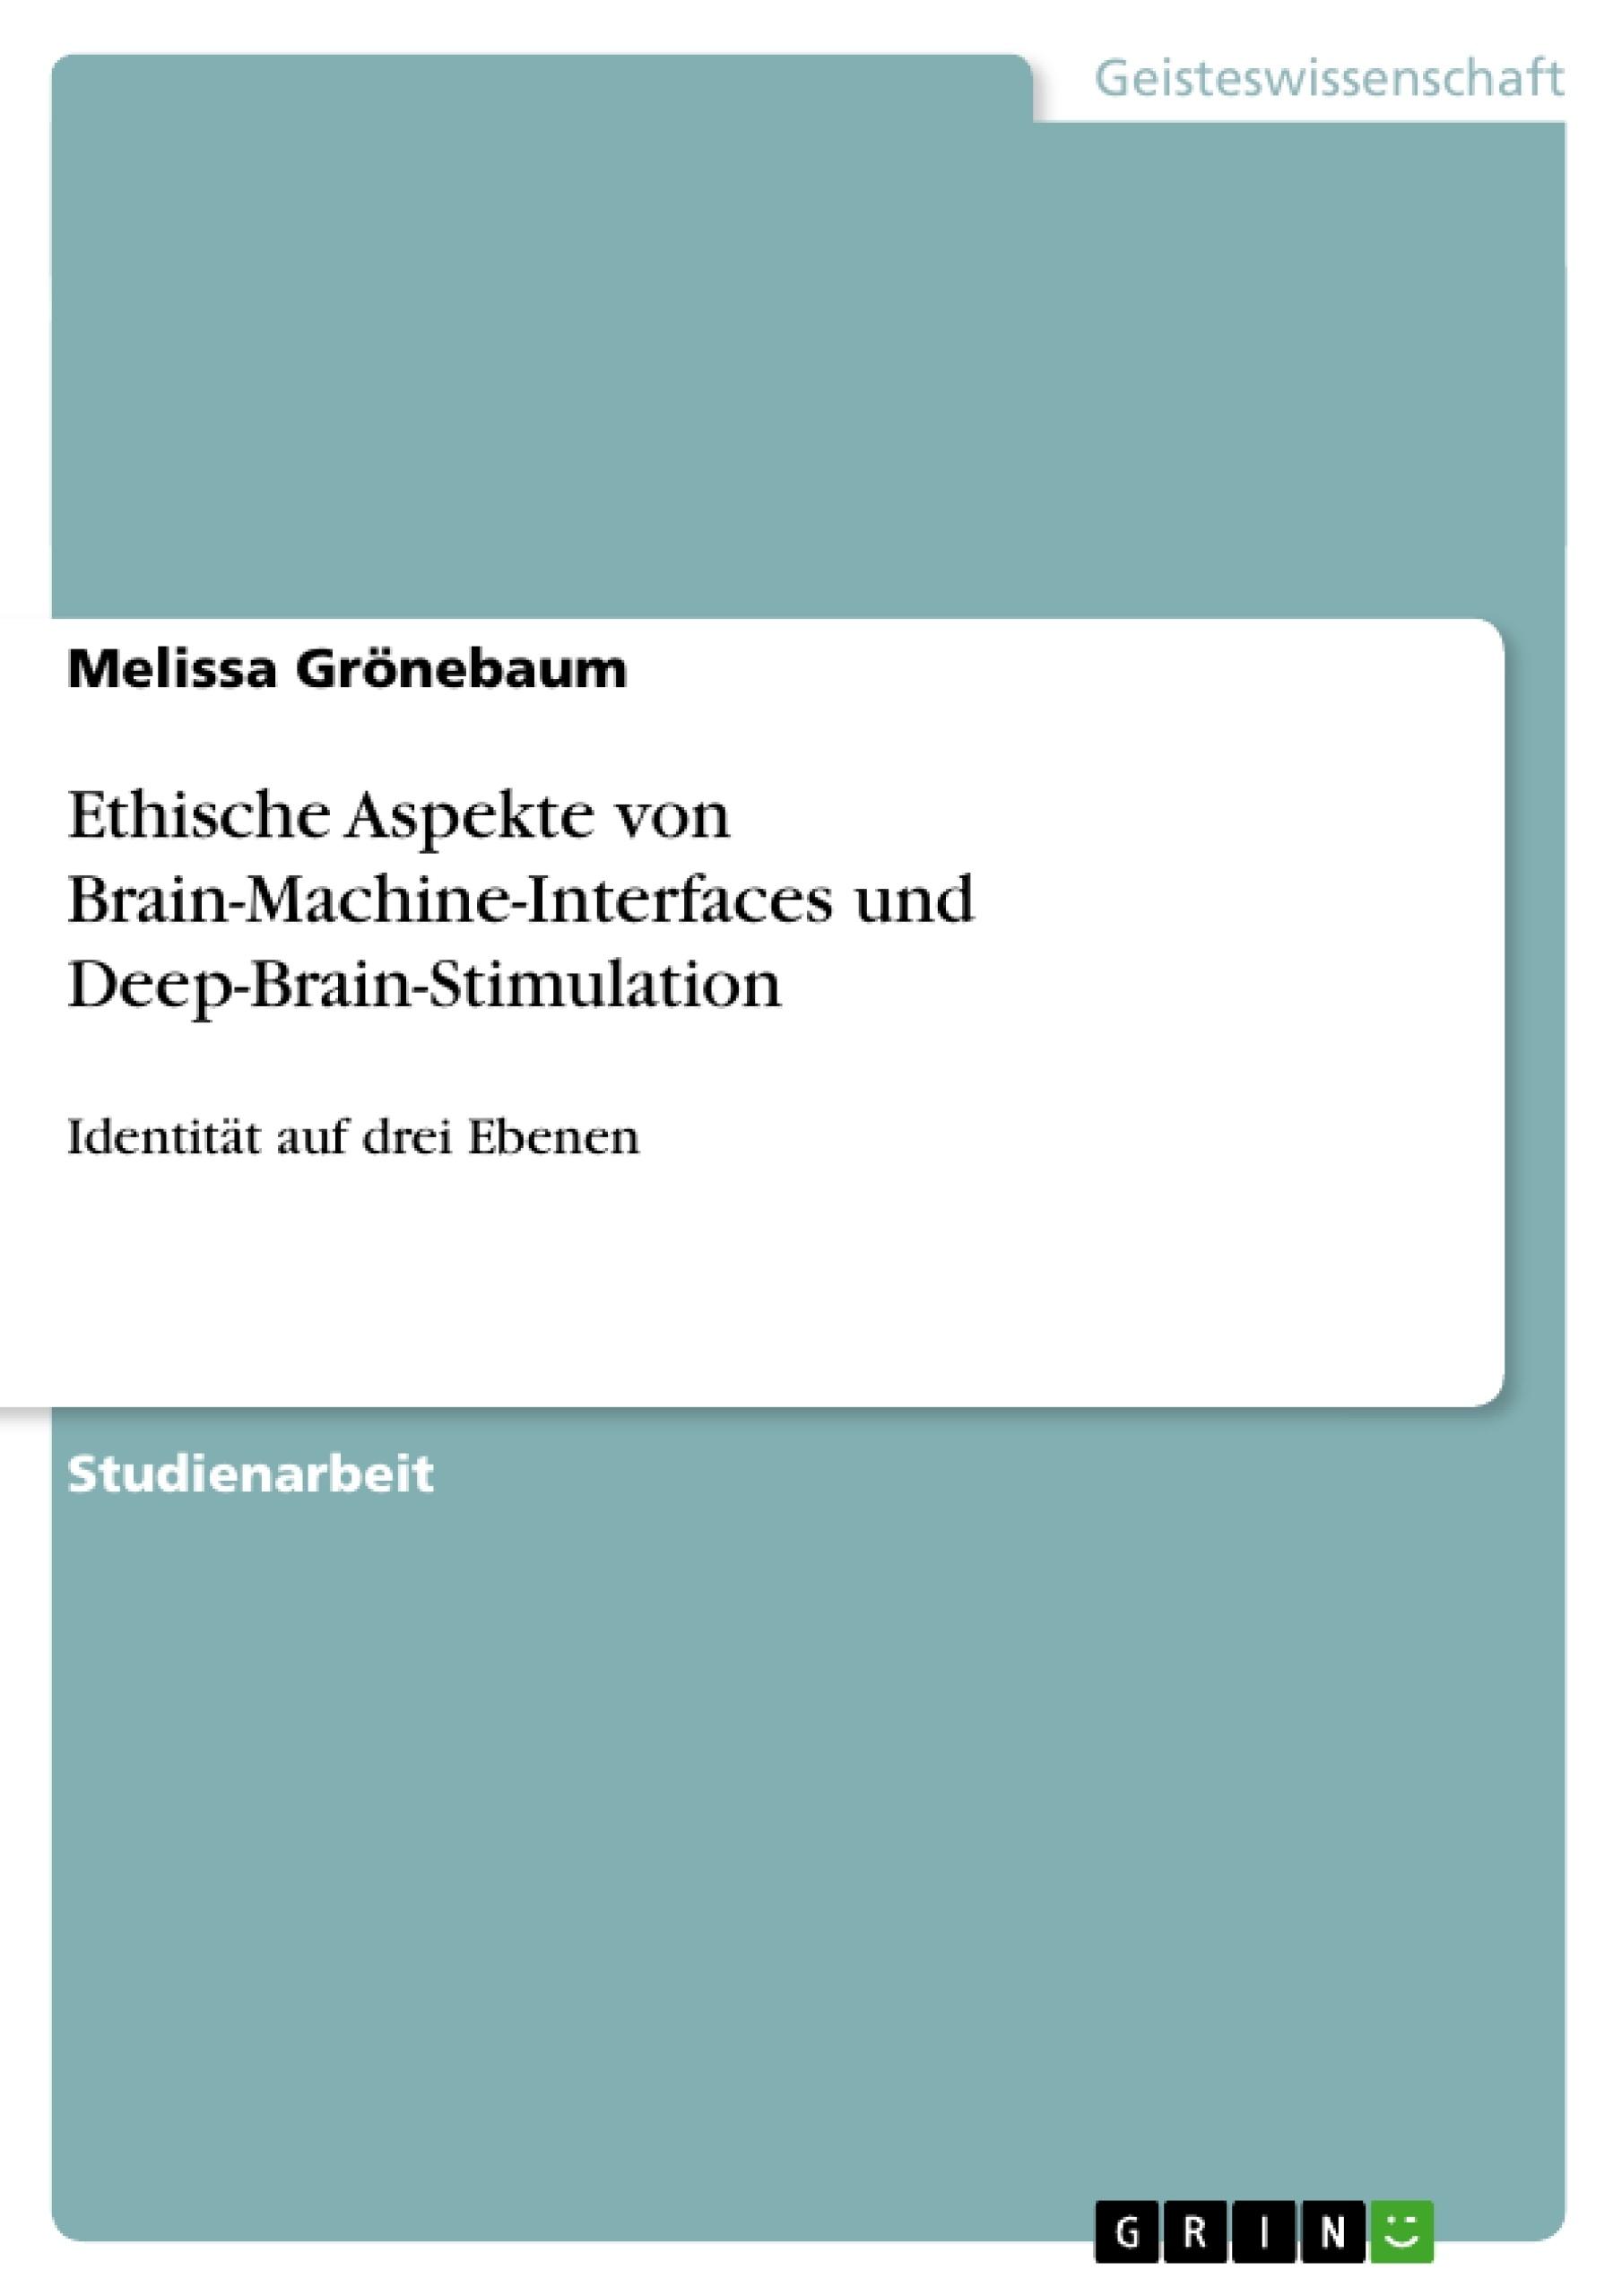 Titel: Ethische Aspekte von Brain-Machine-Interfaces und Deep-Brain-Stimulation